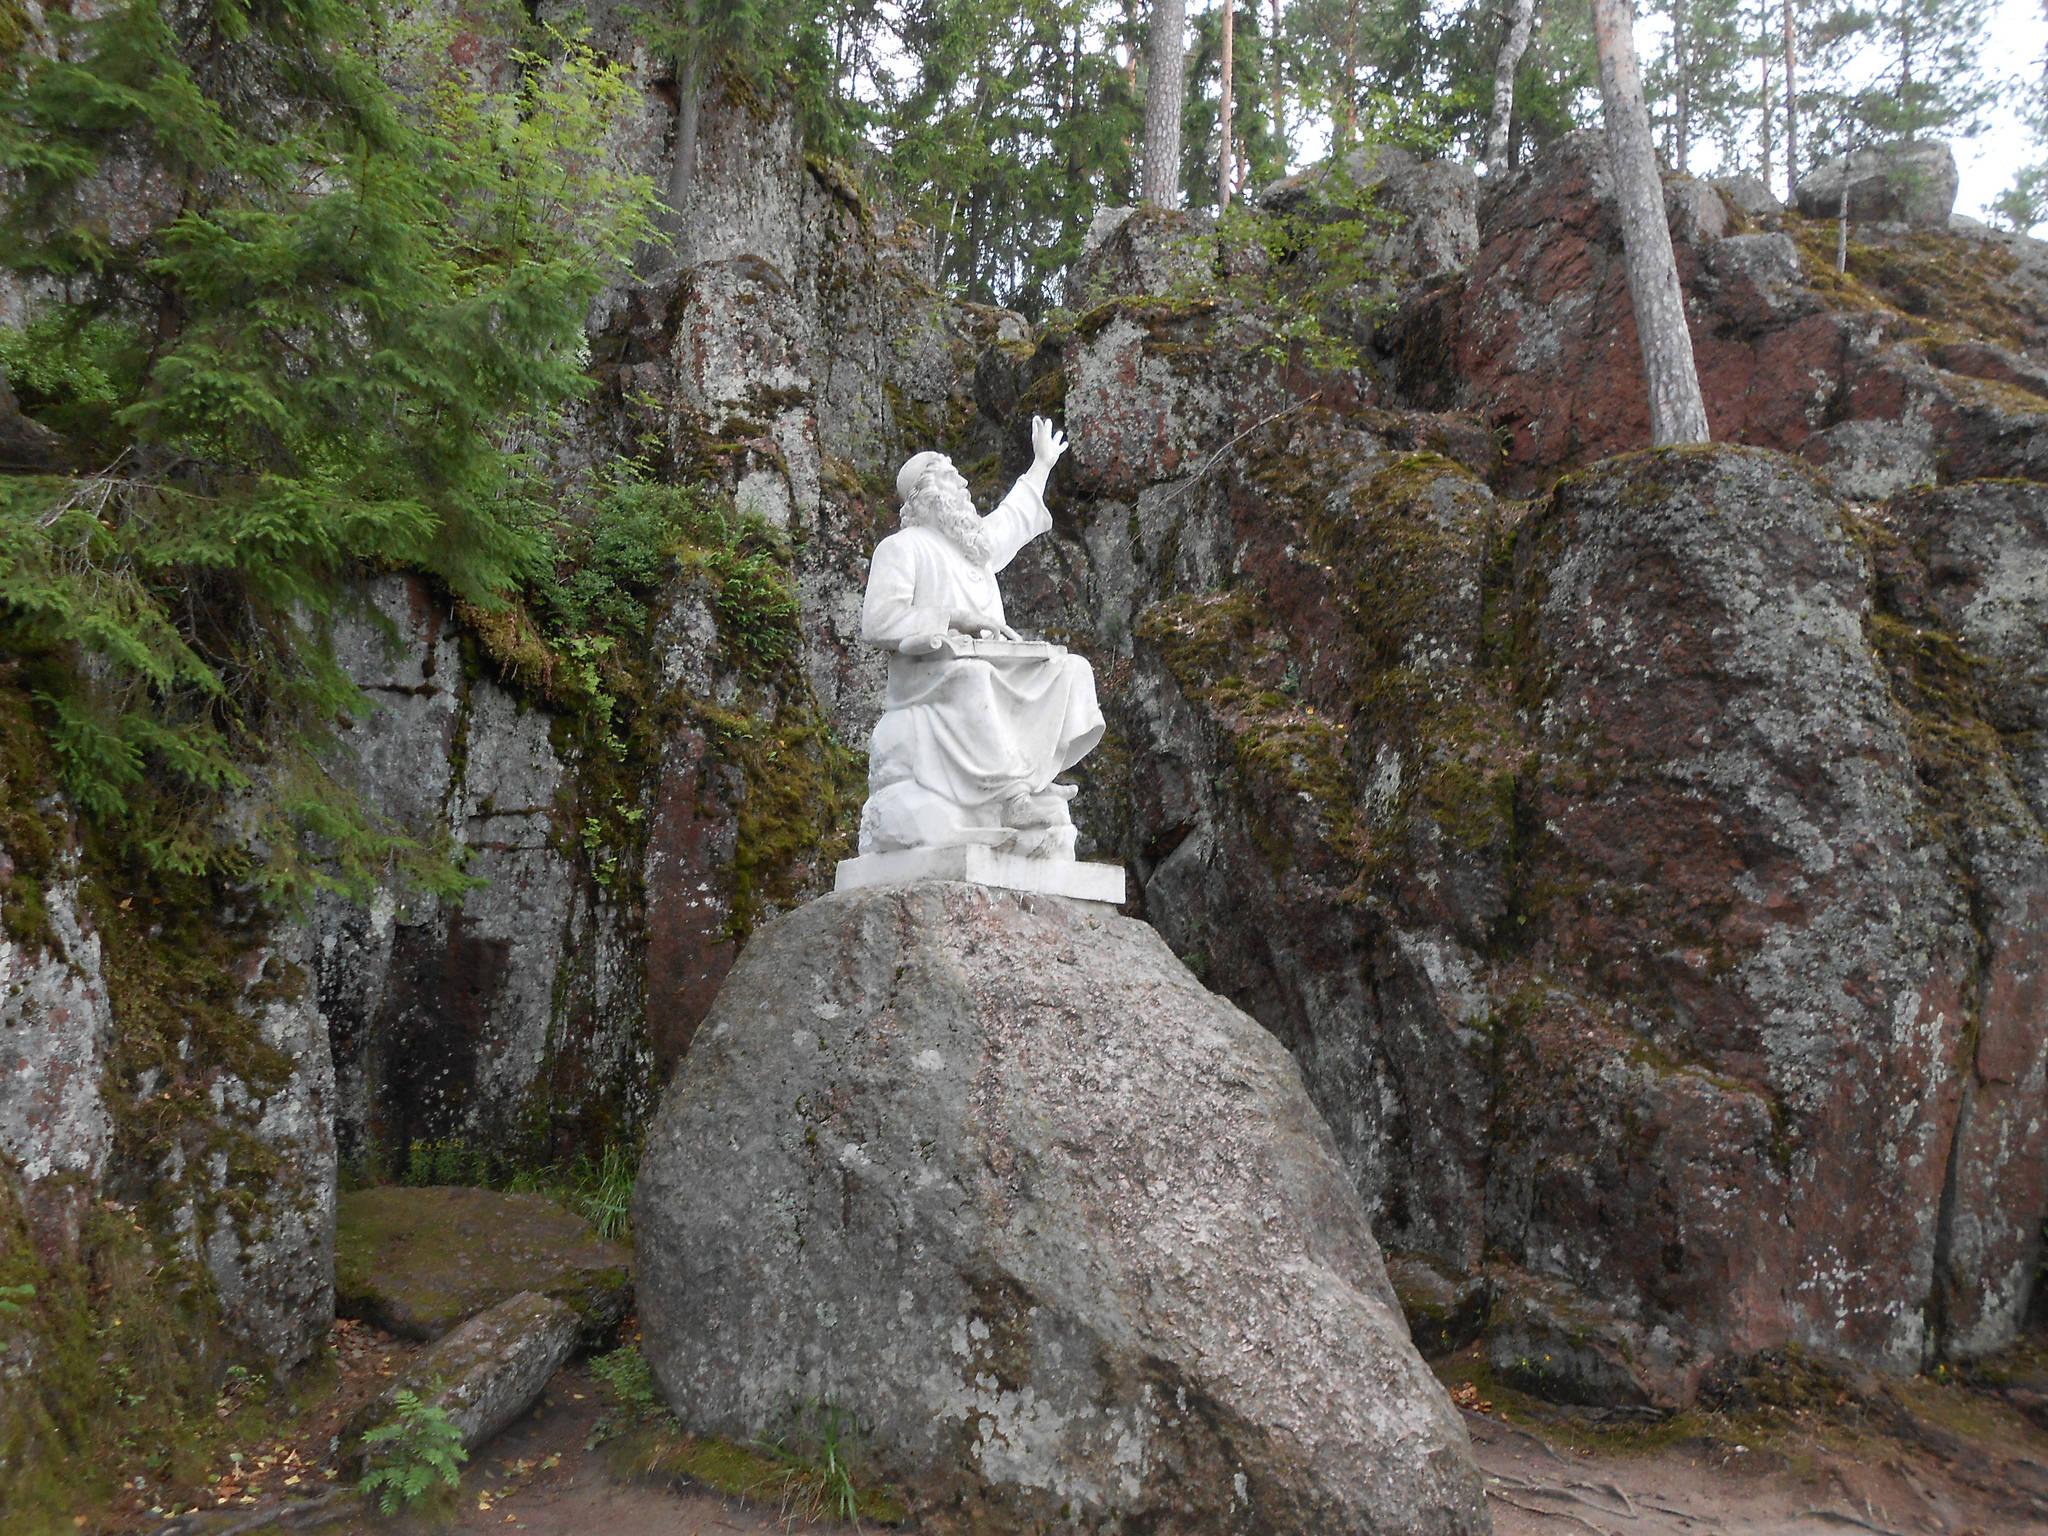 Статуя Вяйнемёйнена, Парк Монрепо, Выборг